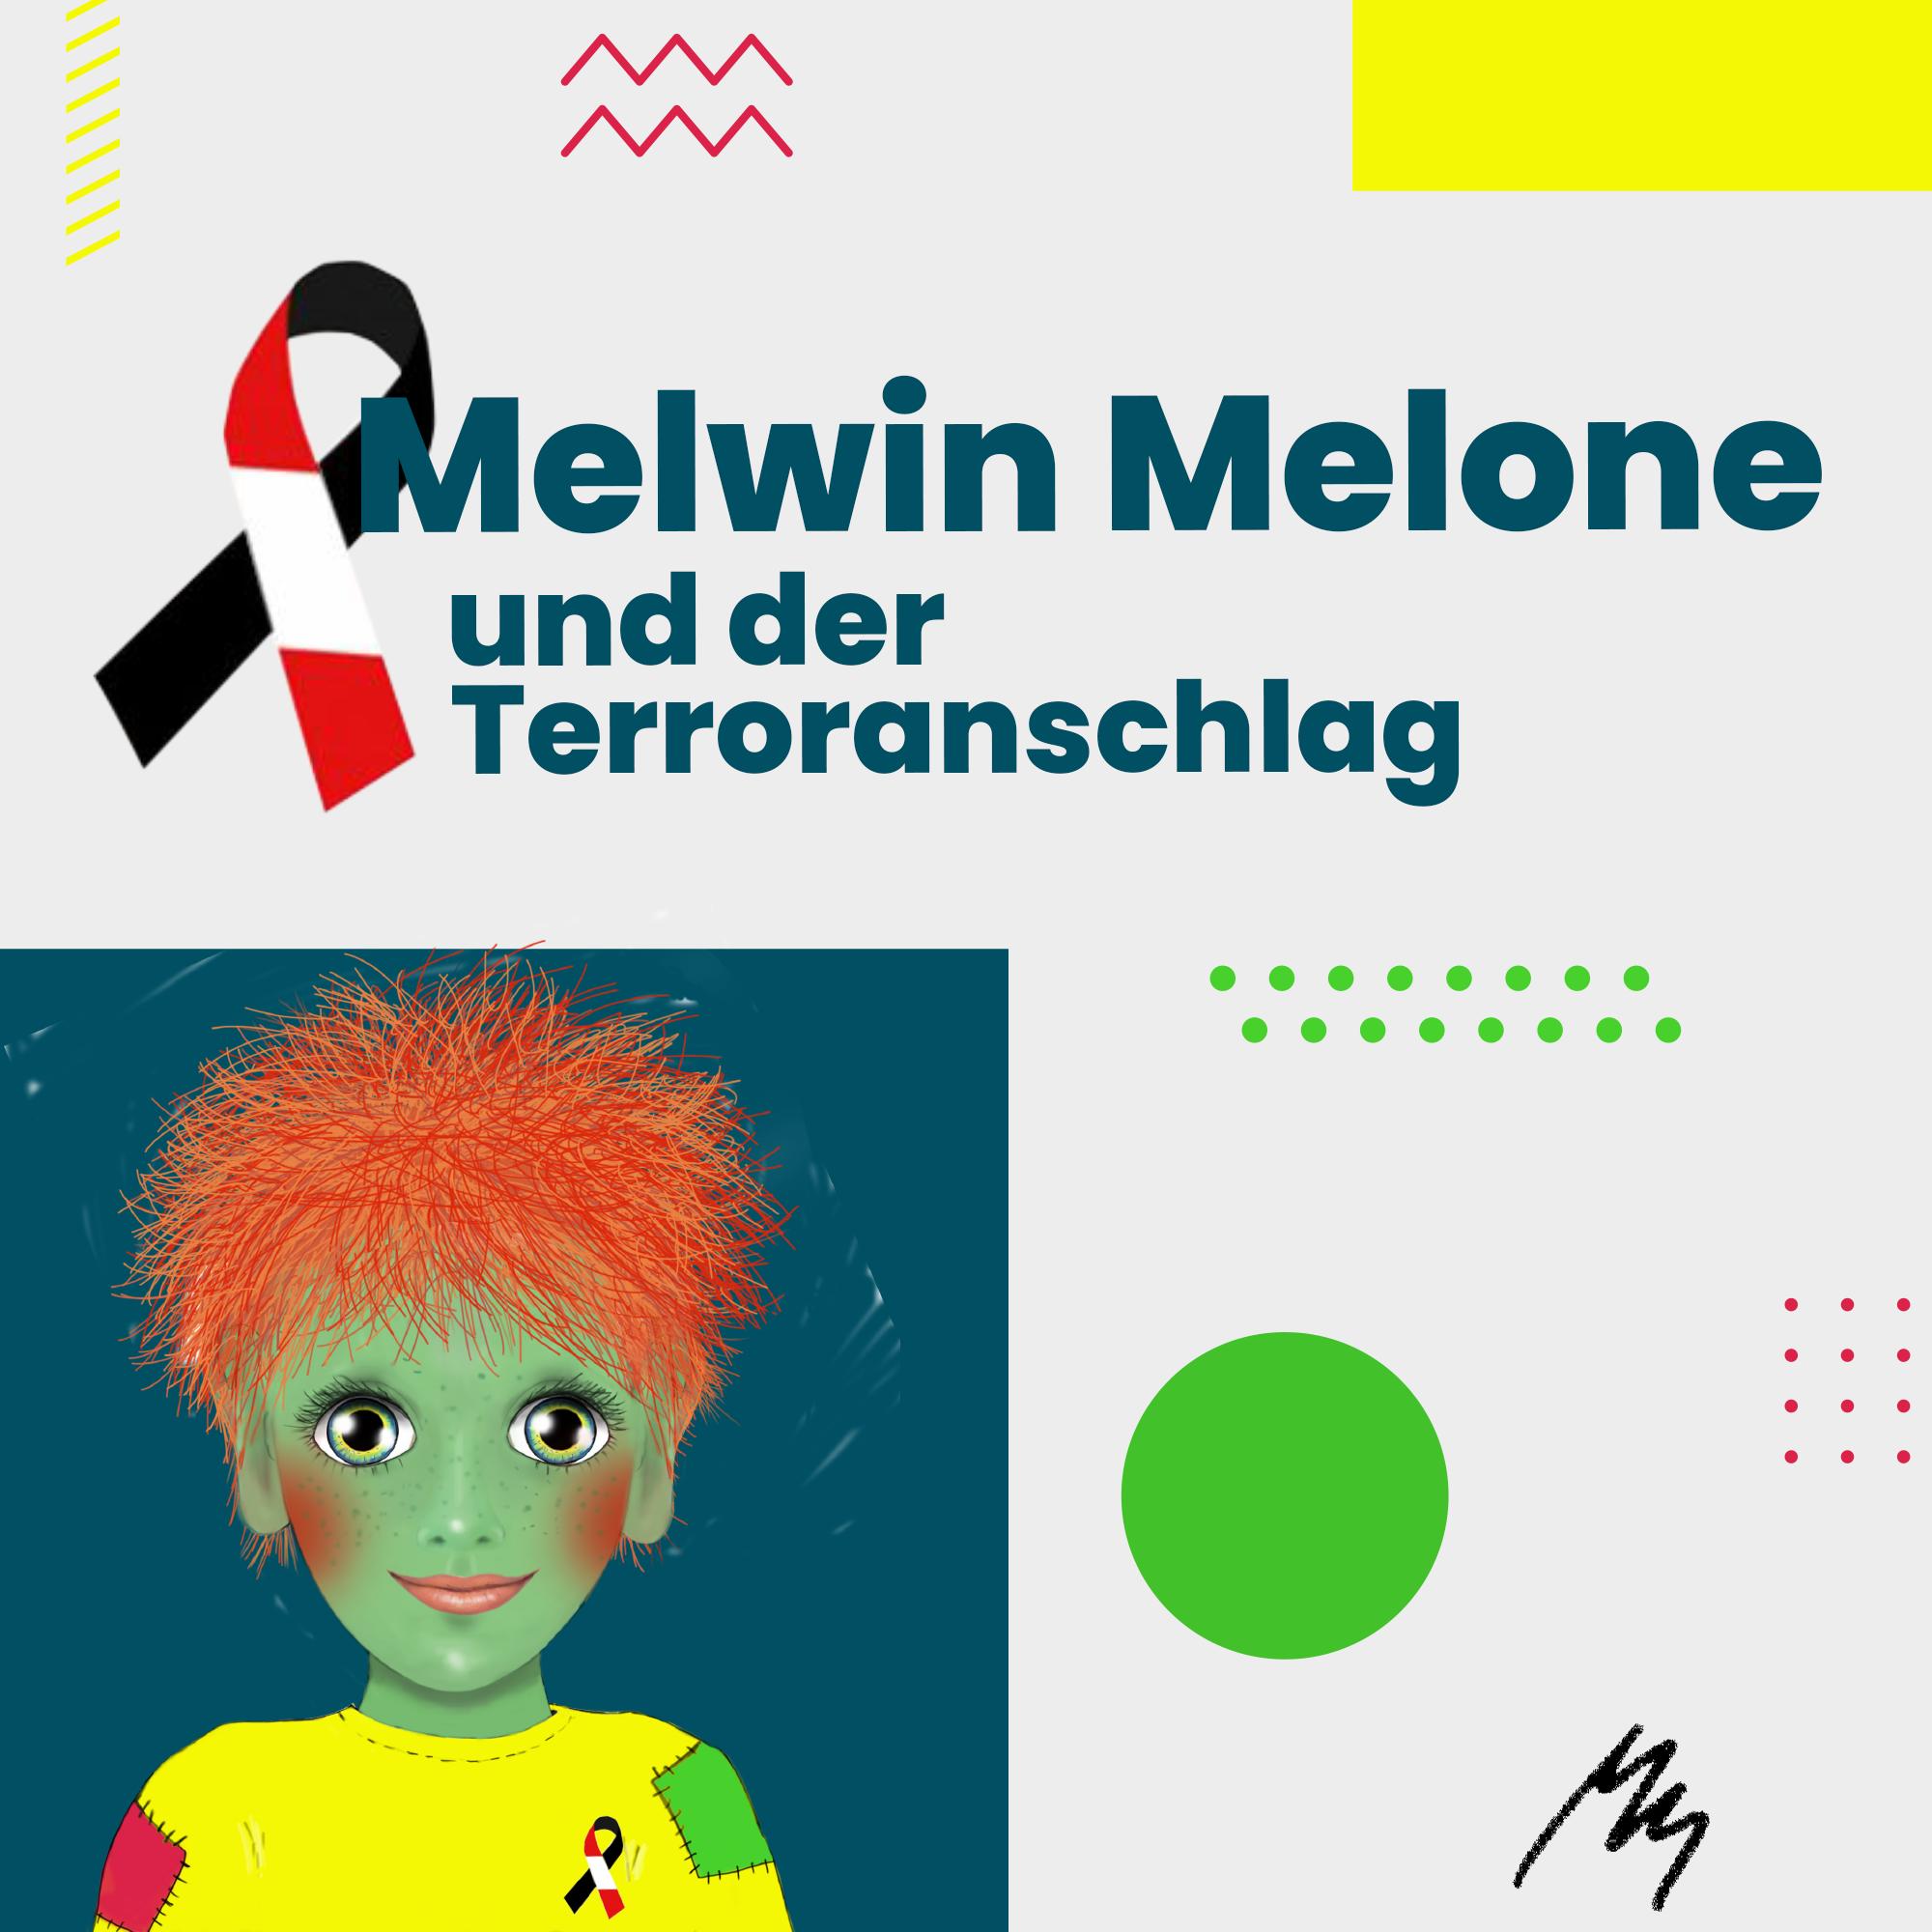 Melwin Melone und der Terroranschlag